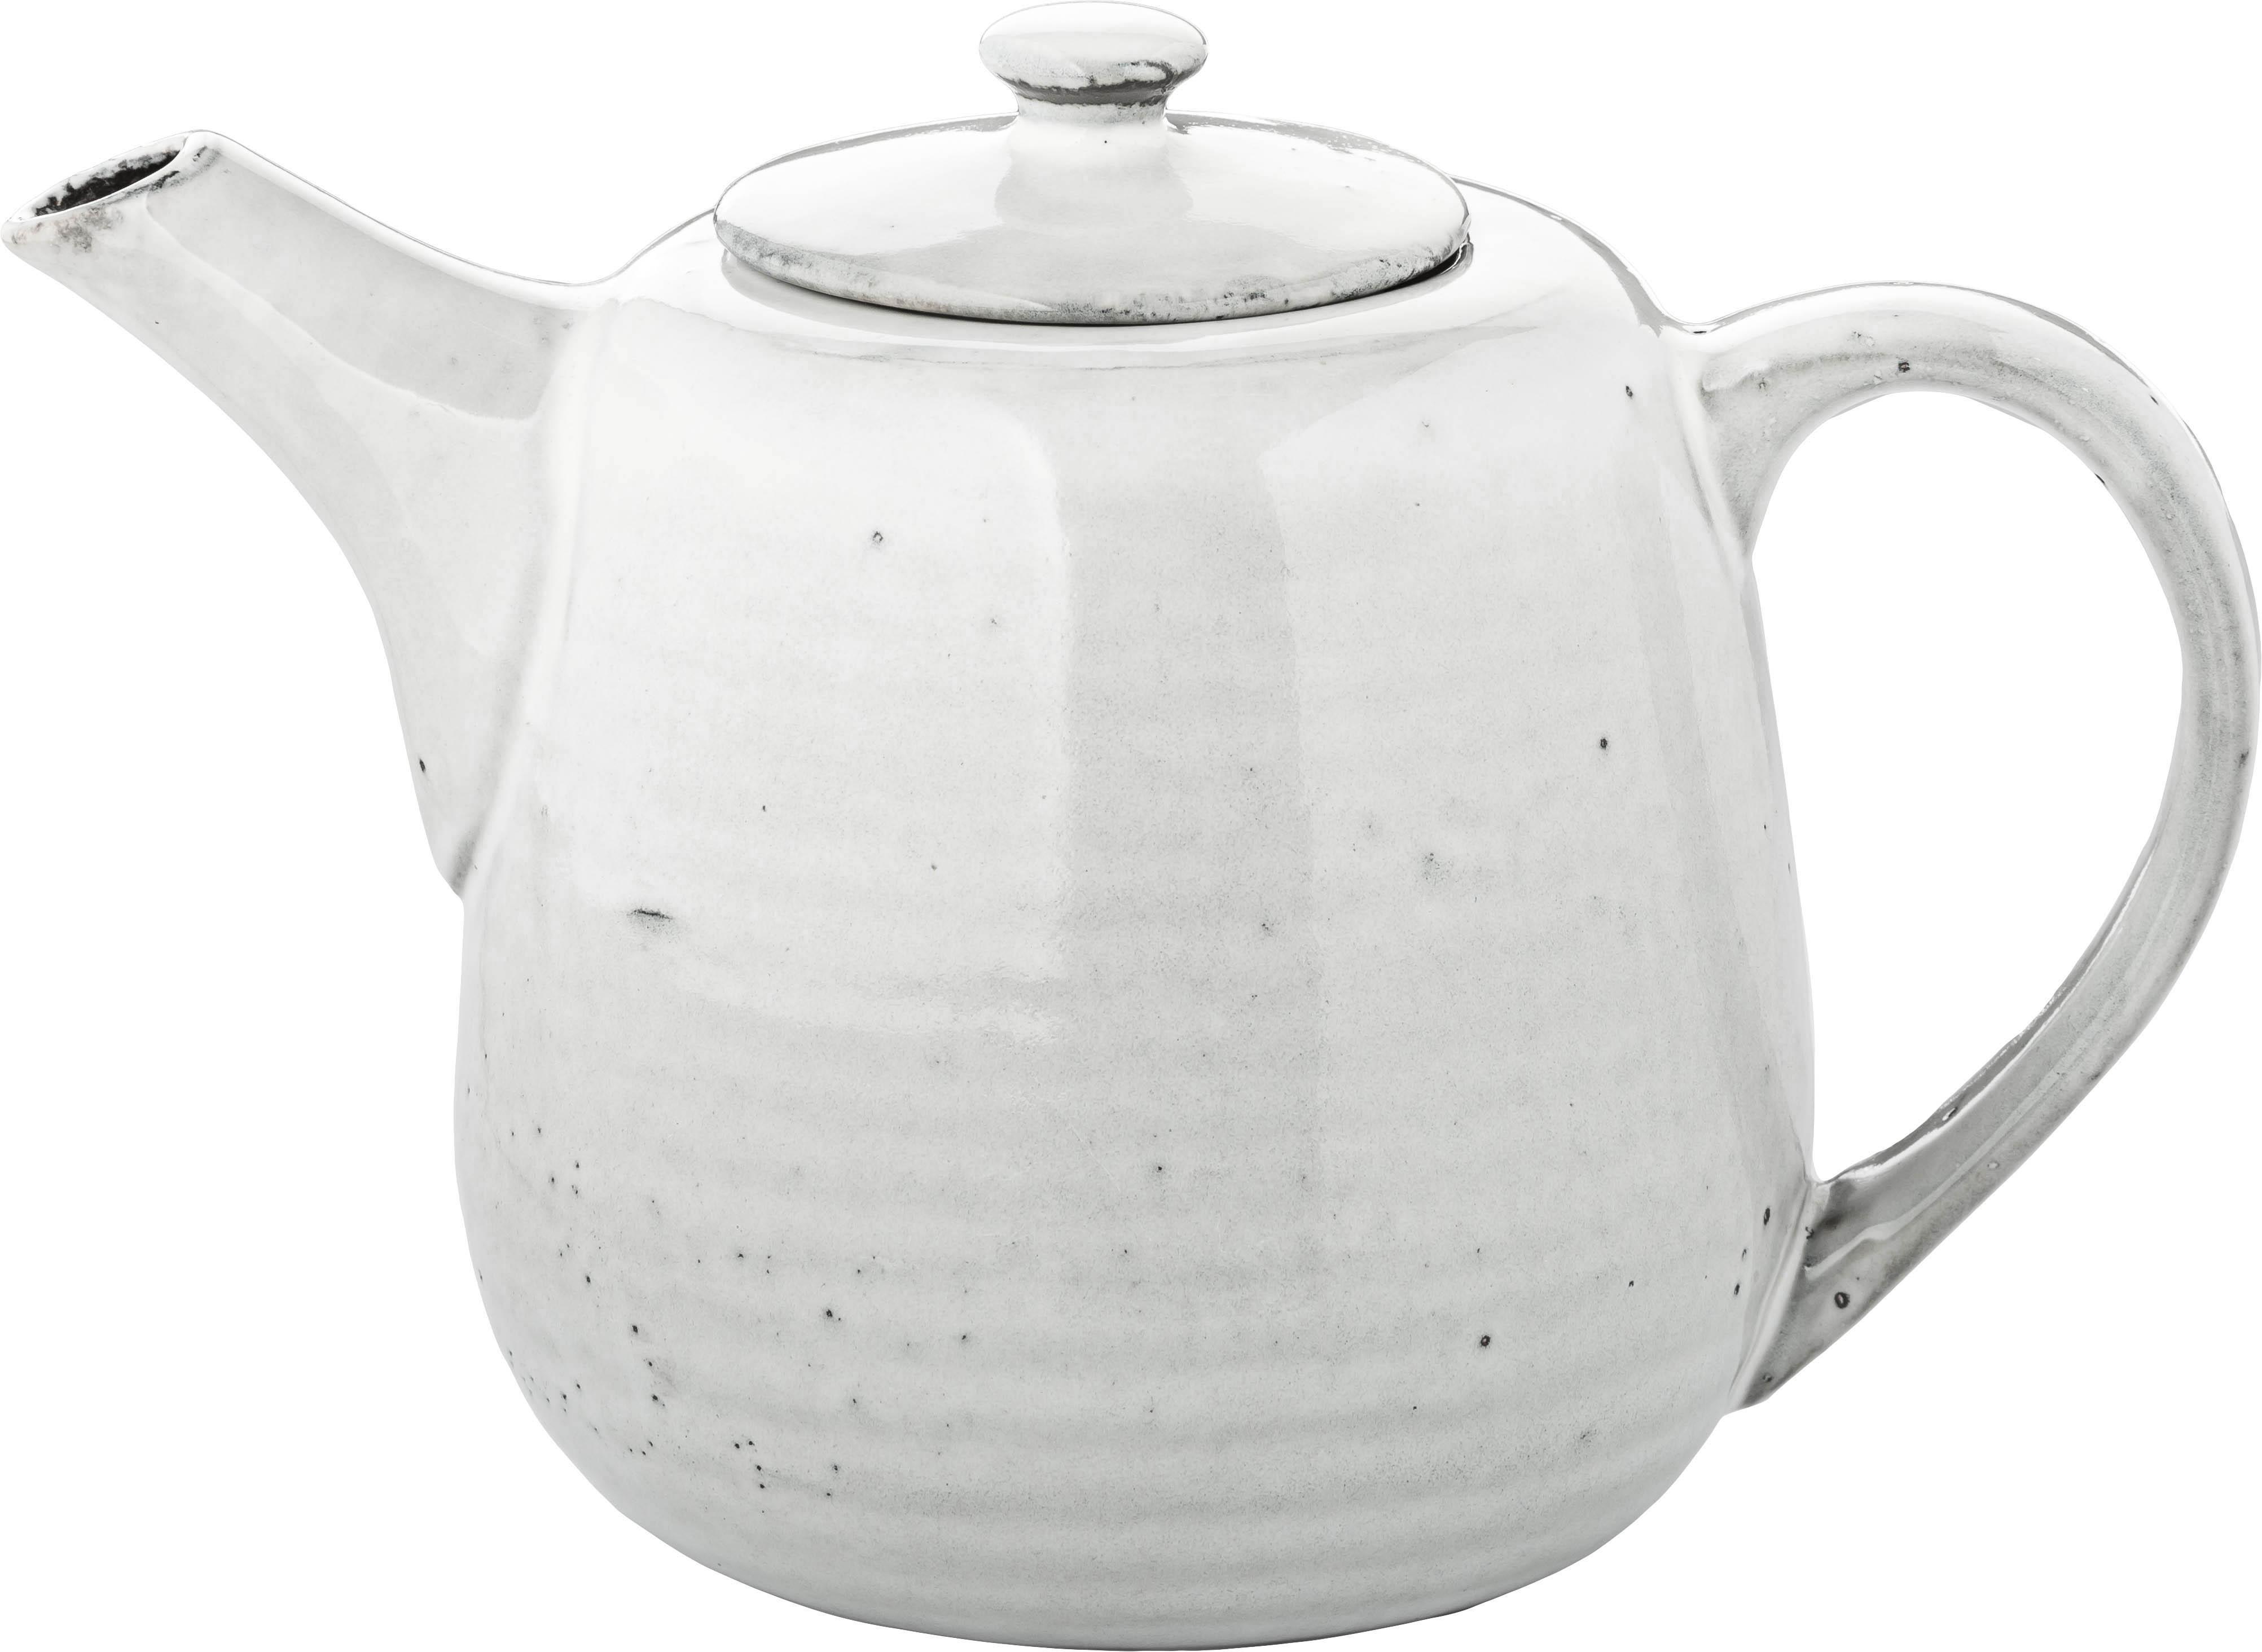 Handgemachte Teekanne Nordic Sand aus Steingut, Steingut, Sand, 1.3 L